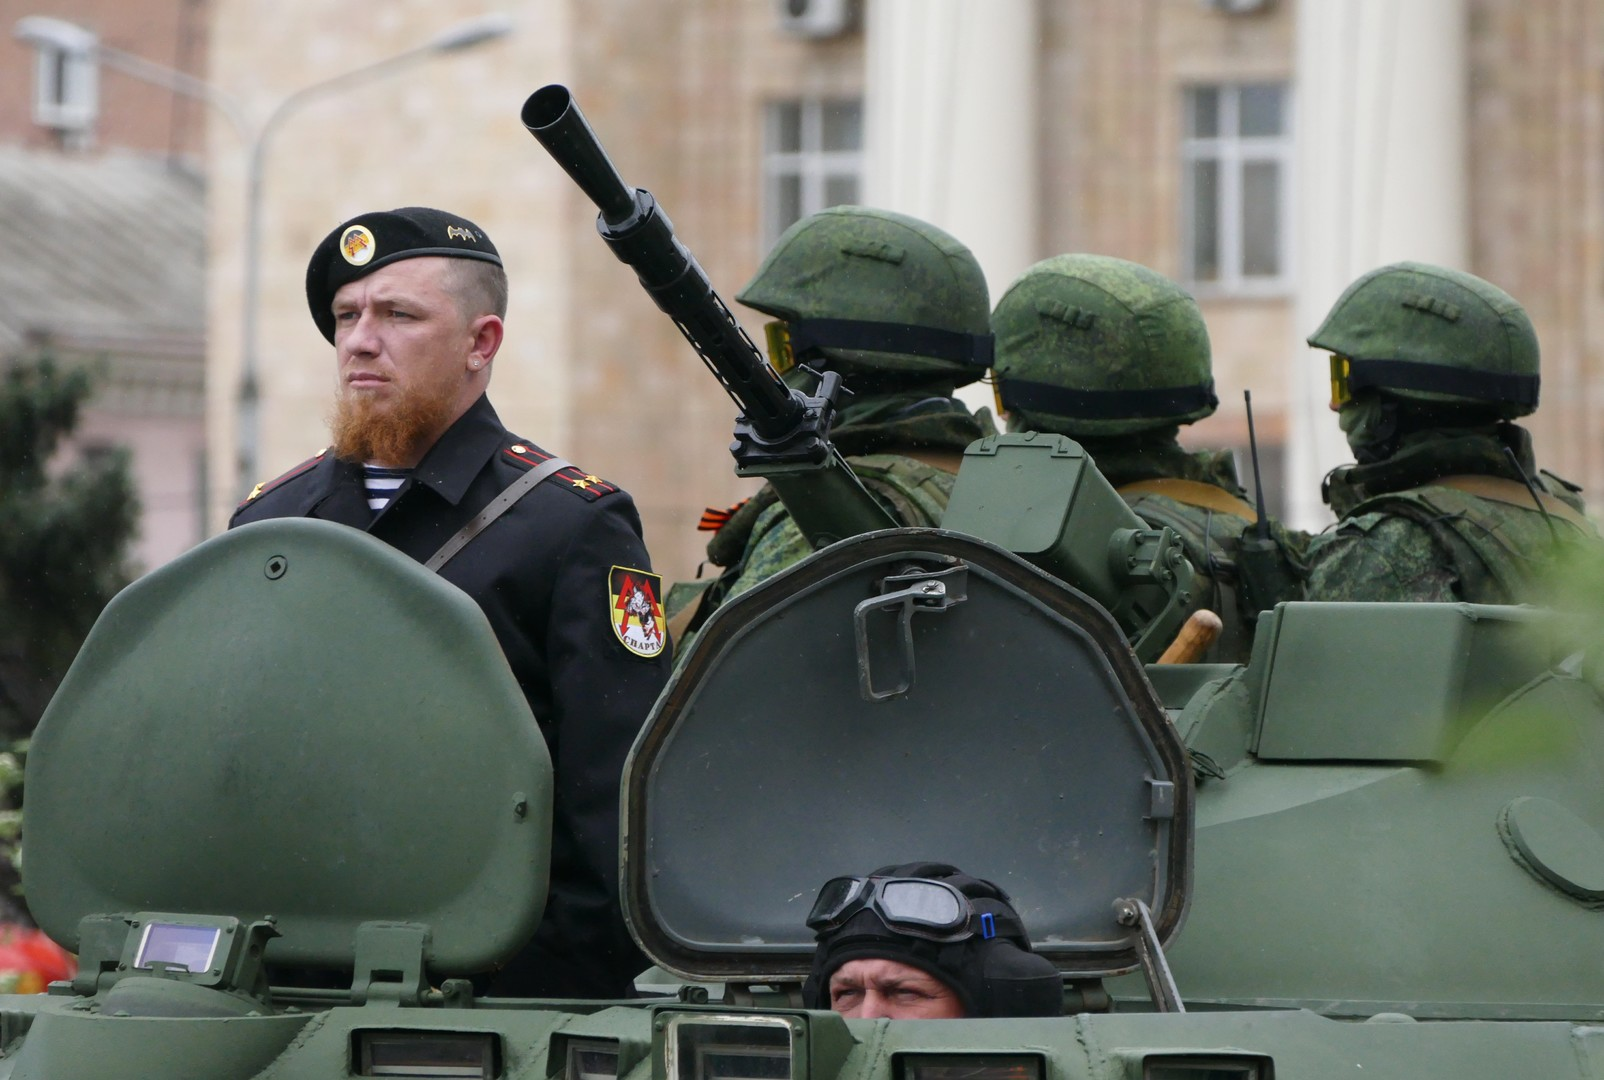 Моторола (слева) во время репетиции военного парада в Донецке.